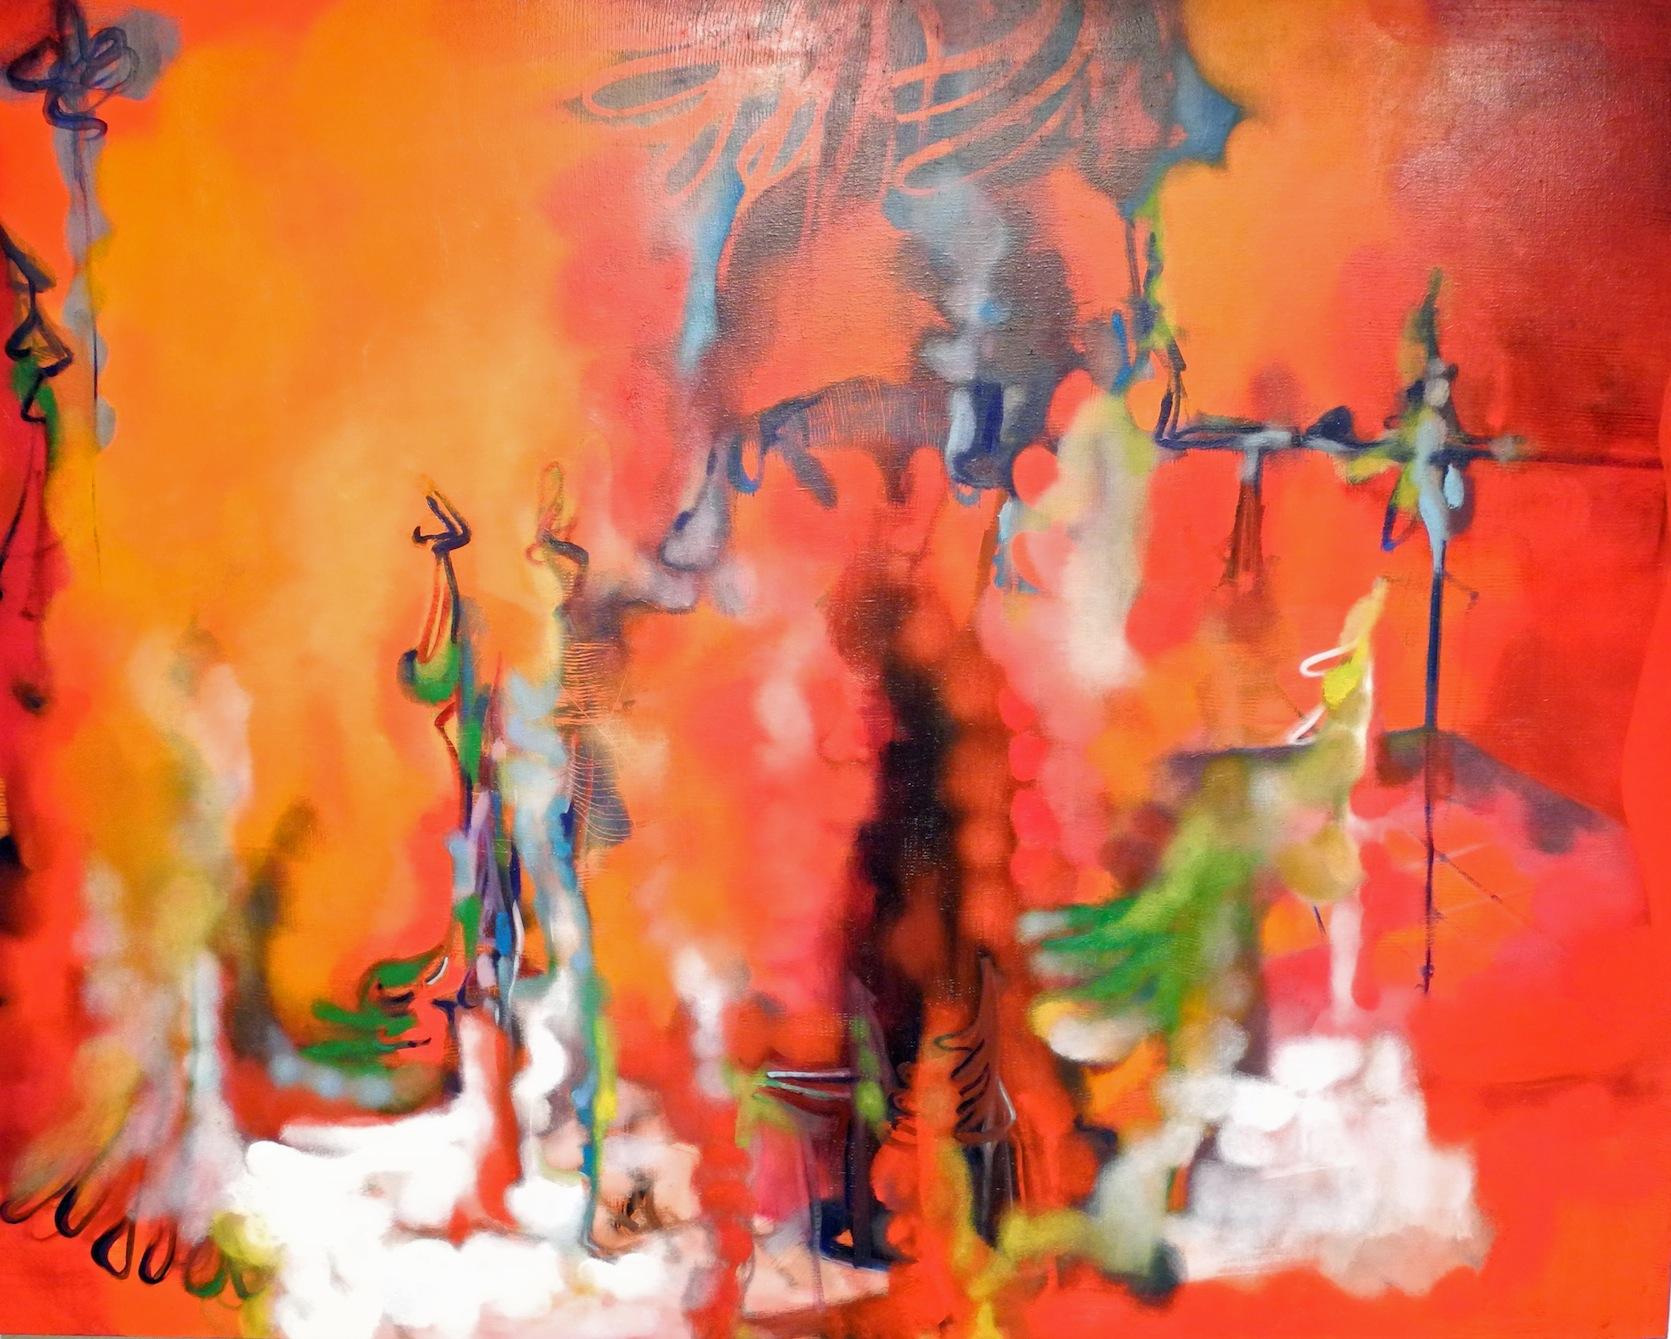 Marco Cingolani, Gli emblemi del potere, 2013, olio su tela, 140x180 cm Courtesy Boxart, Verona